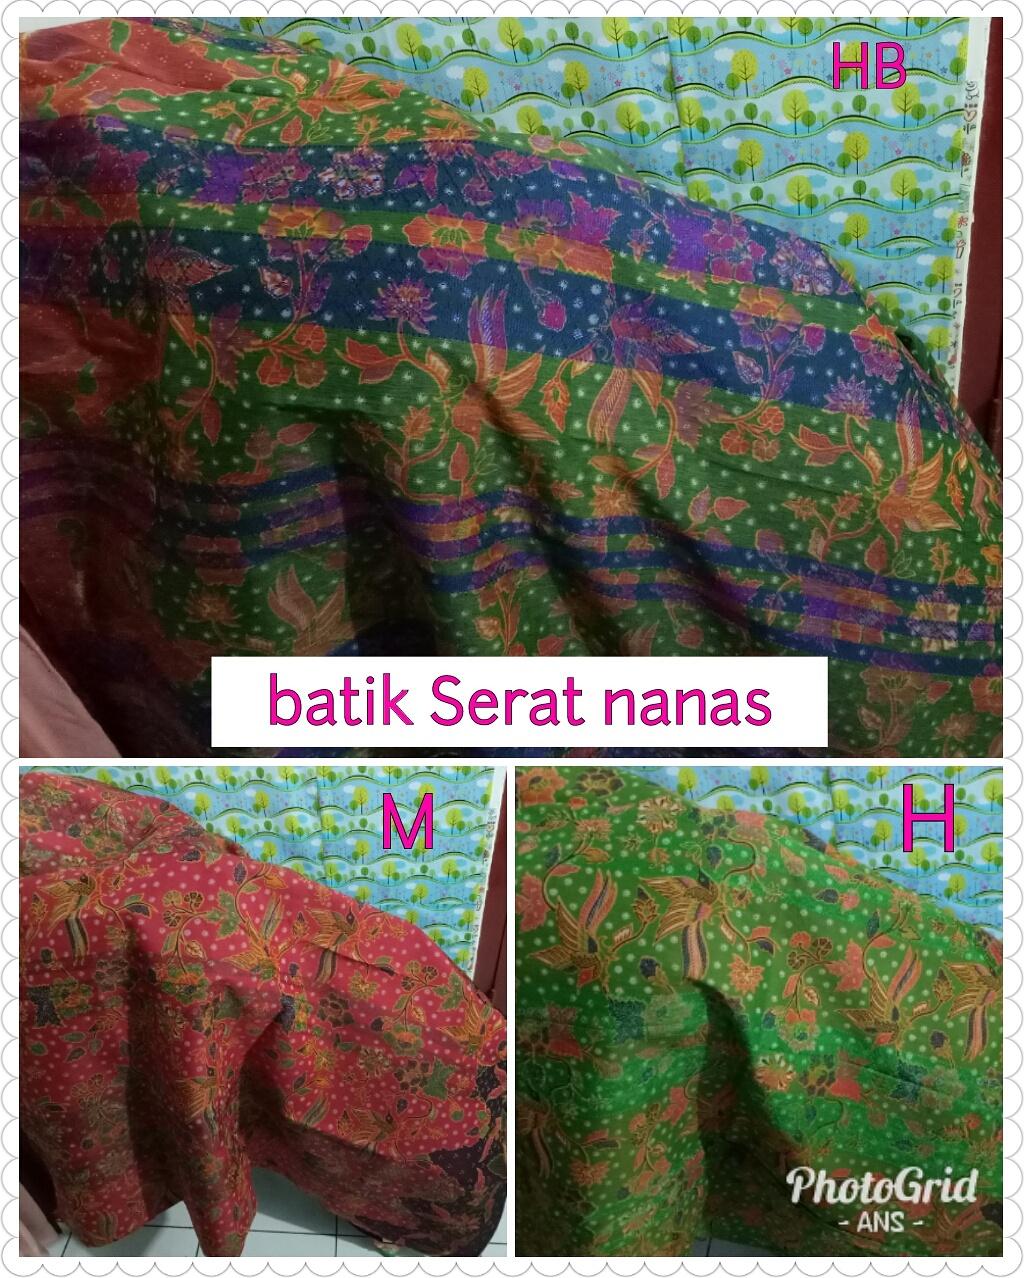 batik serat nanas